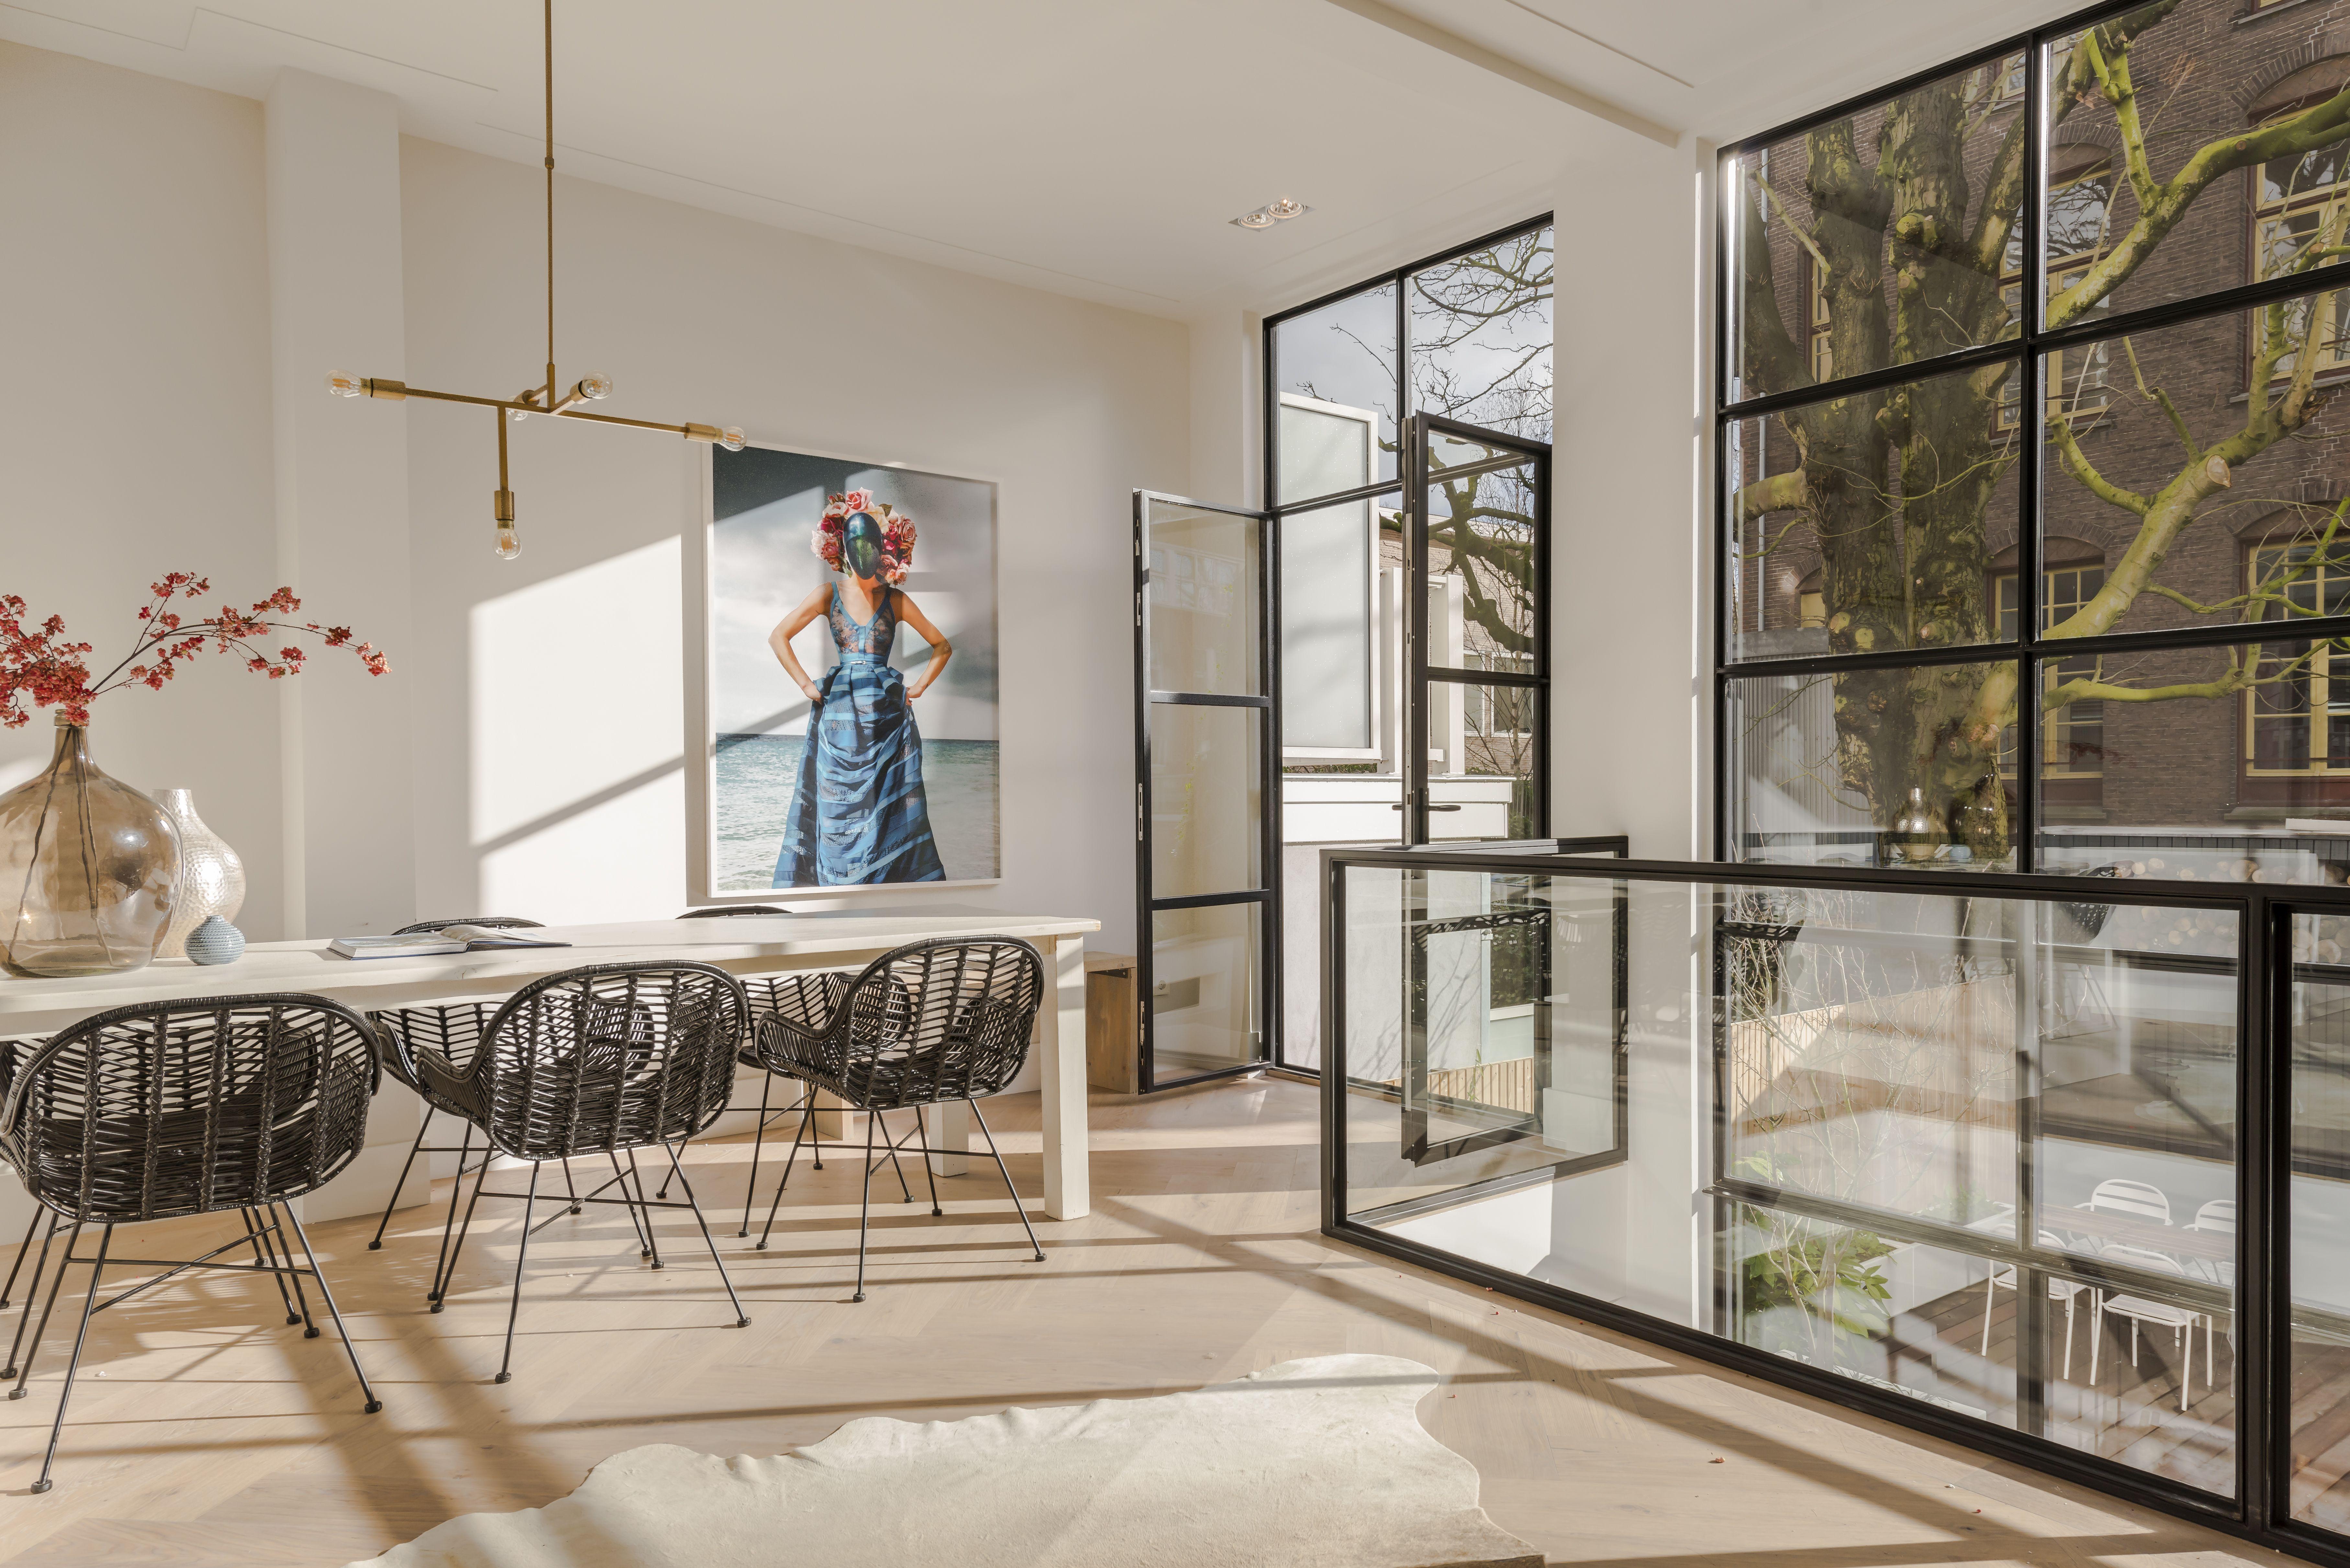 Interior inspirations una casa da sogno ad amsterdam in the mood for design - Interni casa da sogno ...